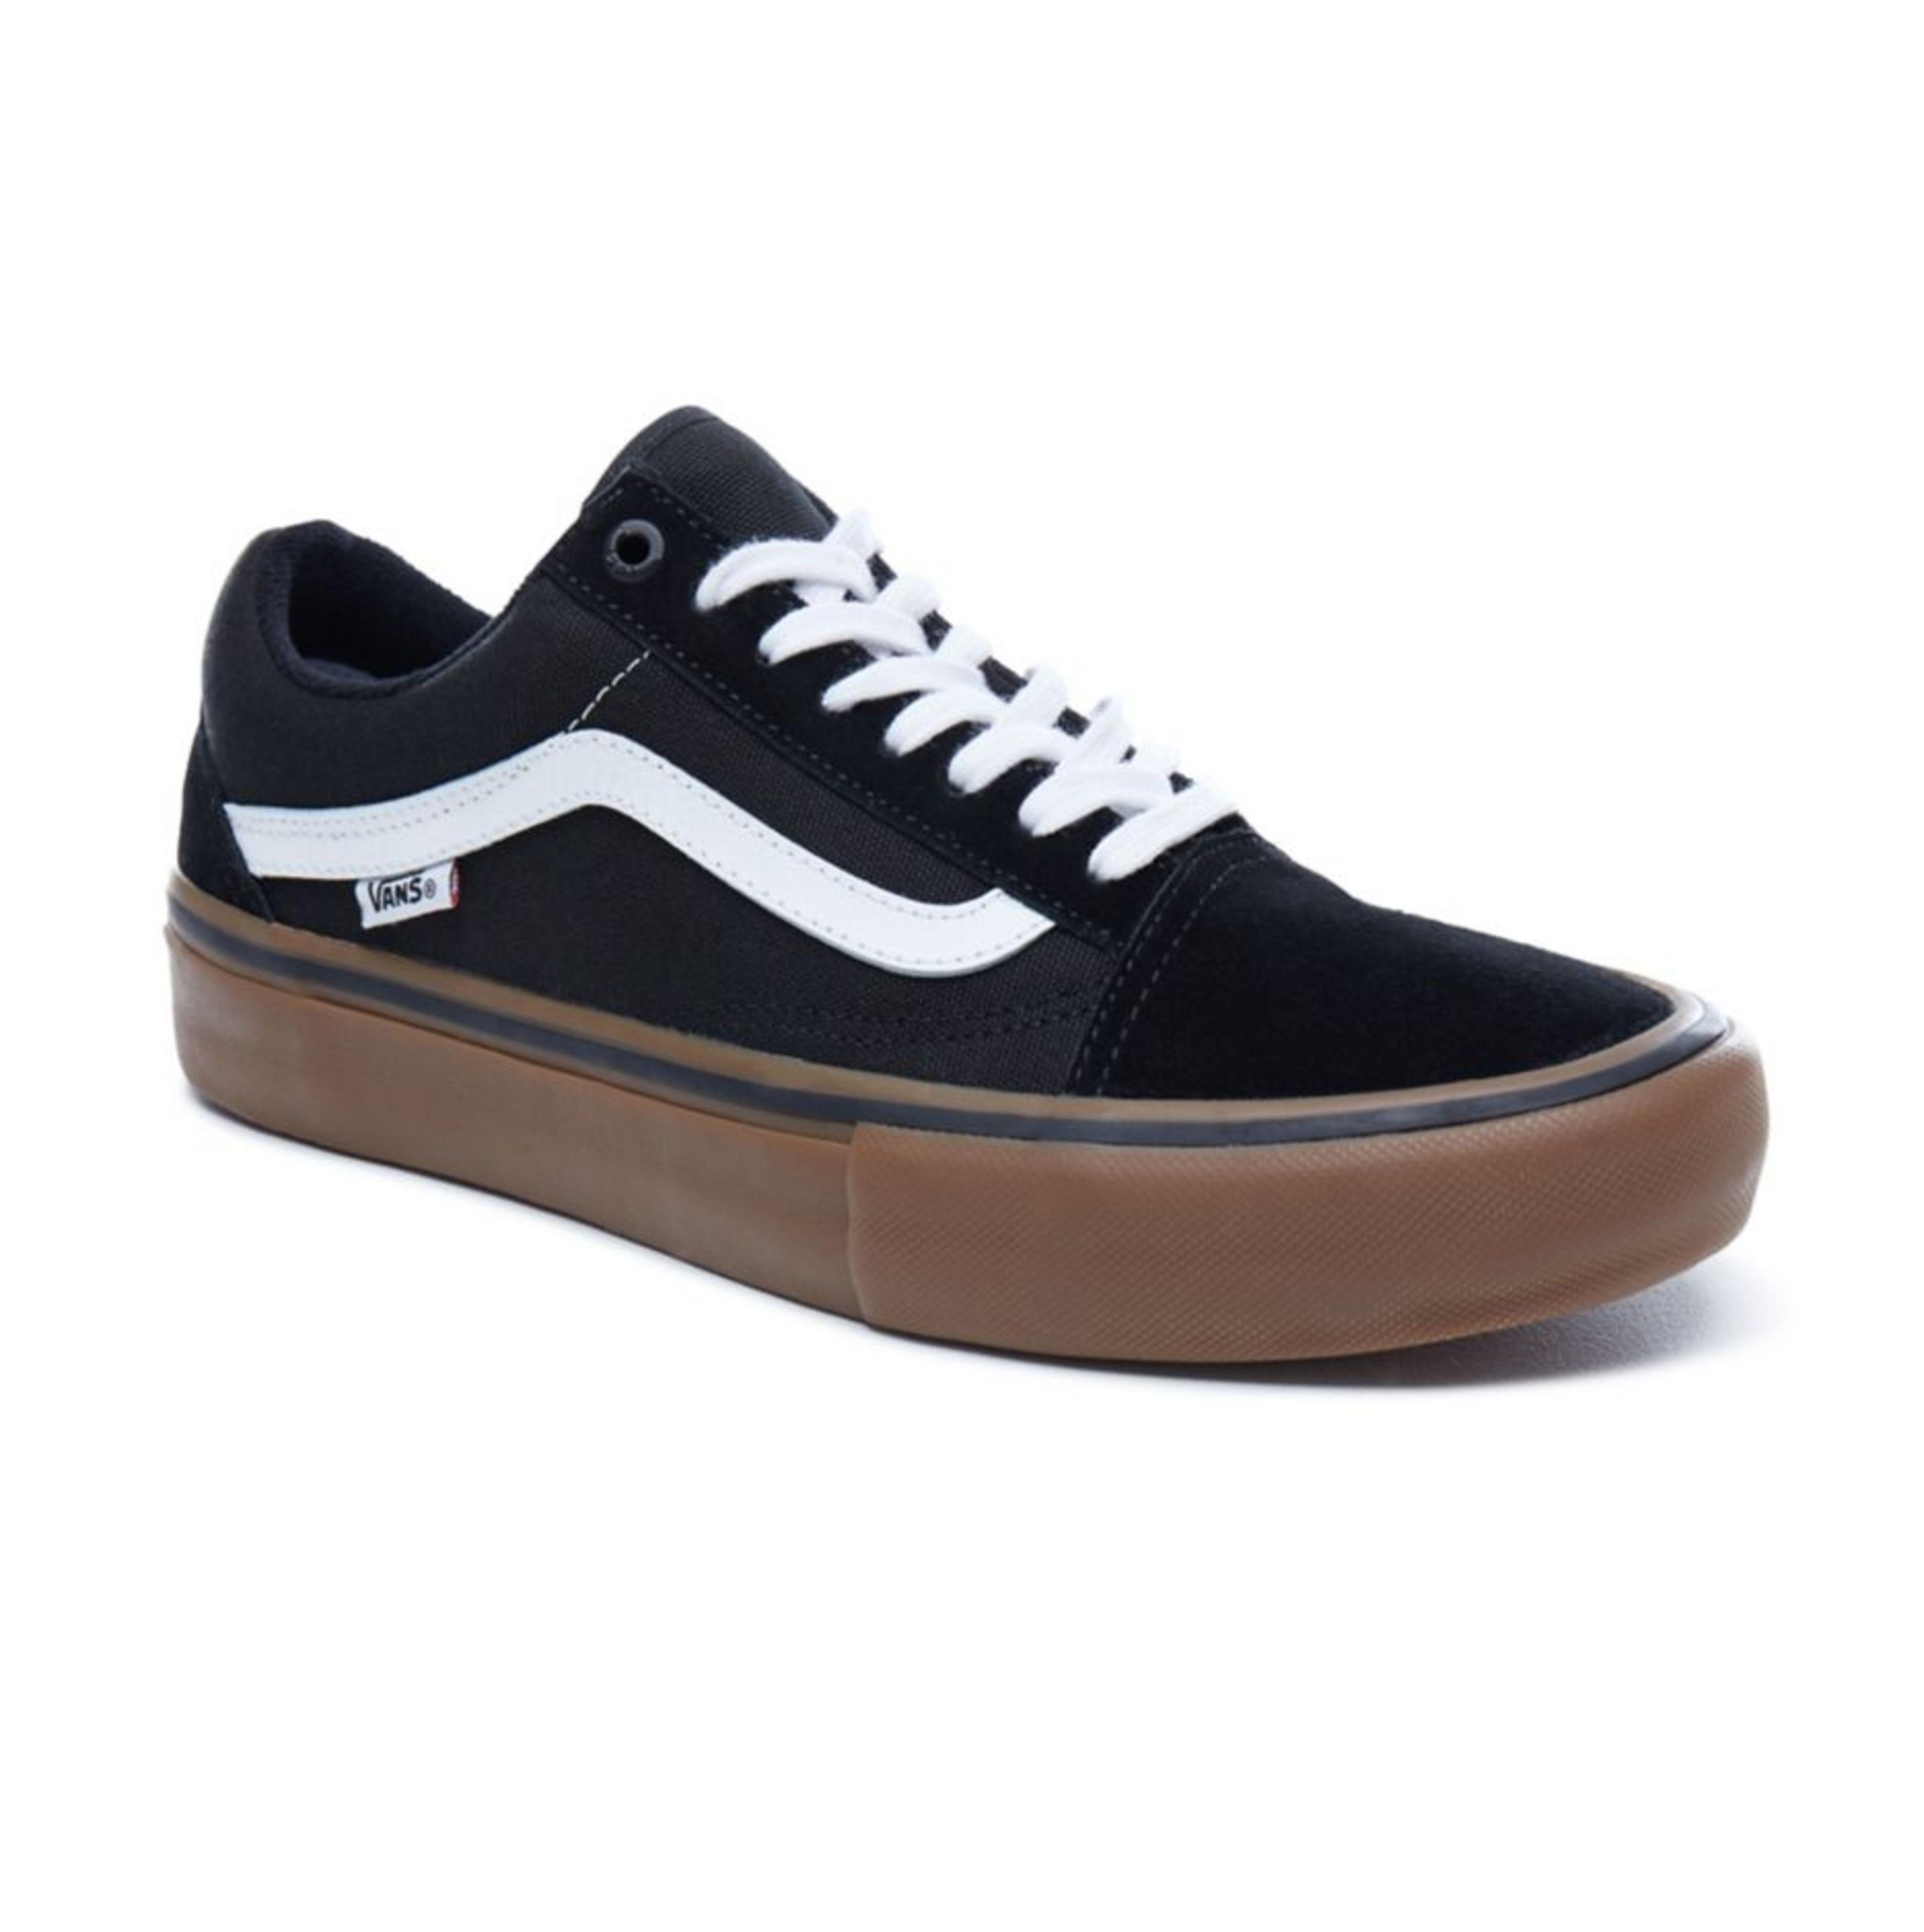 Skool Blackwhitemedium De 5 Sur Skate Détails Pro Vans 44 4LjSc35RAq